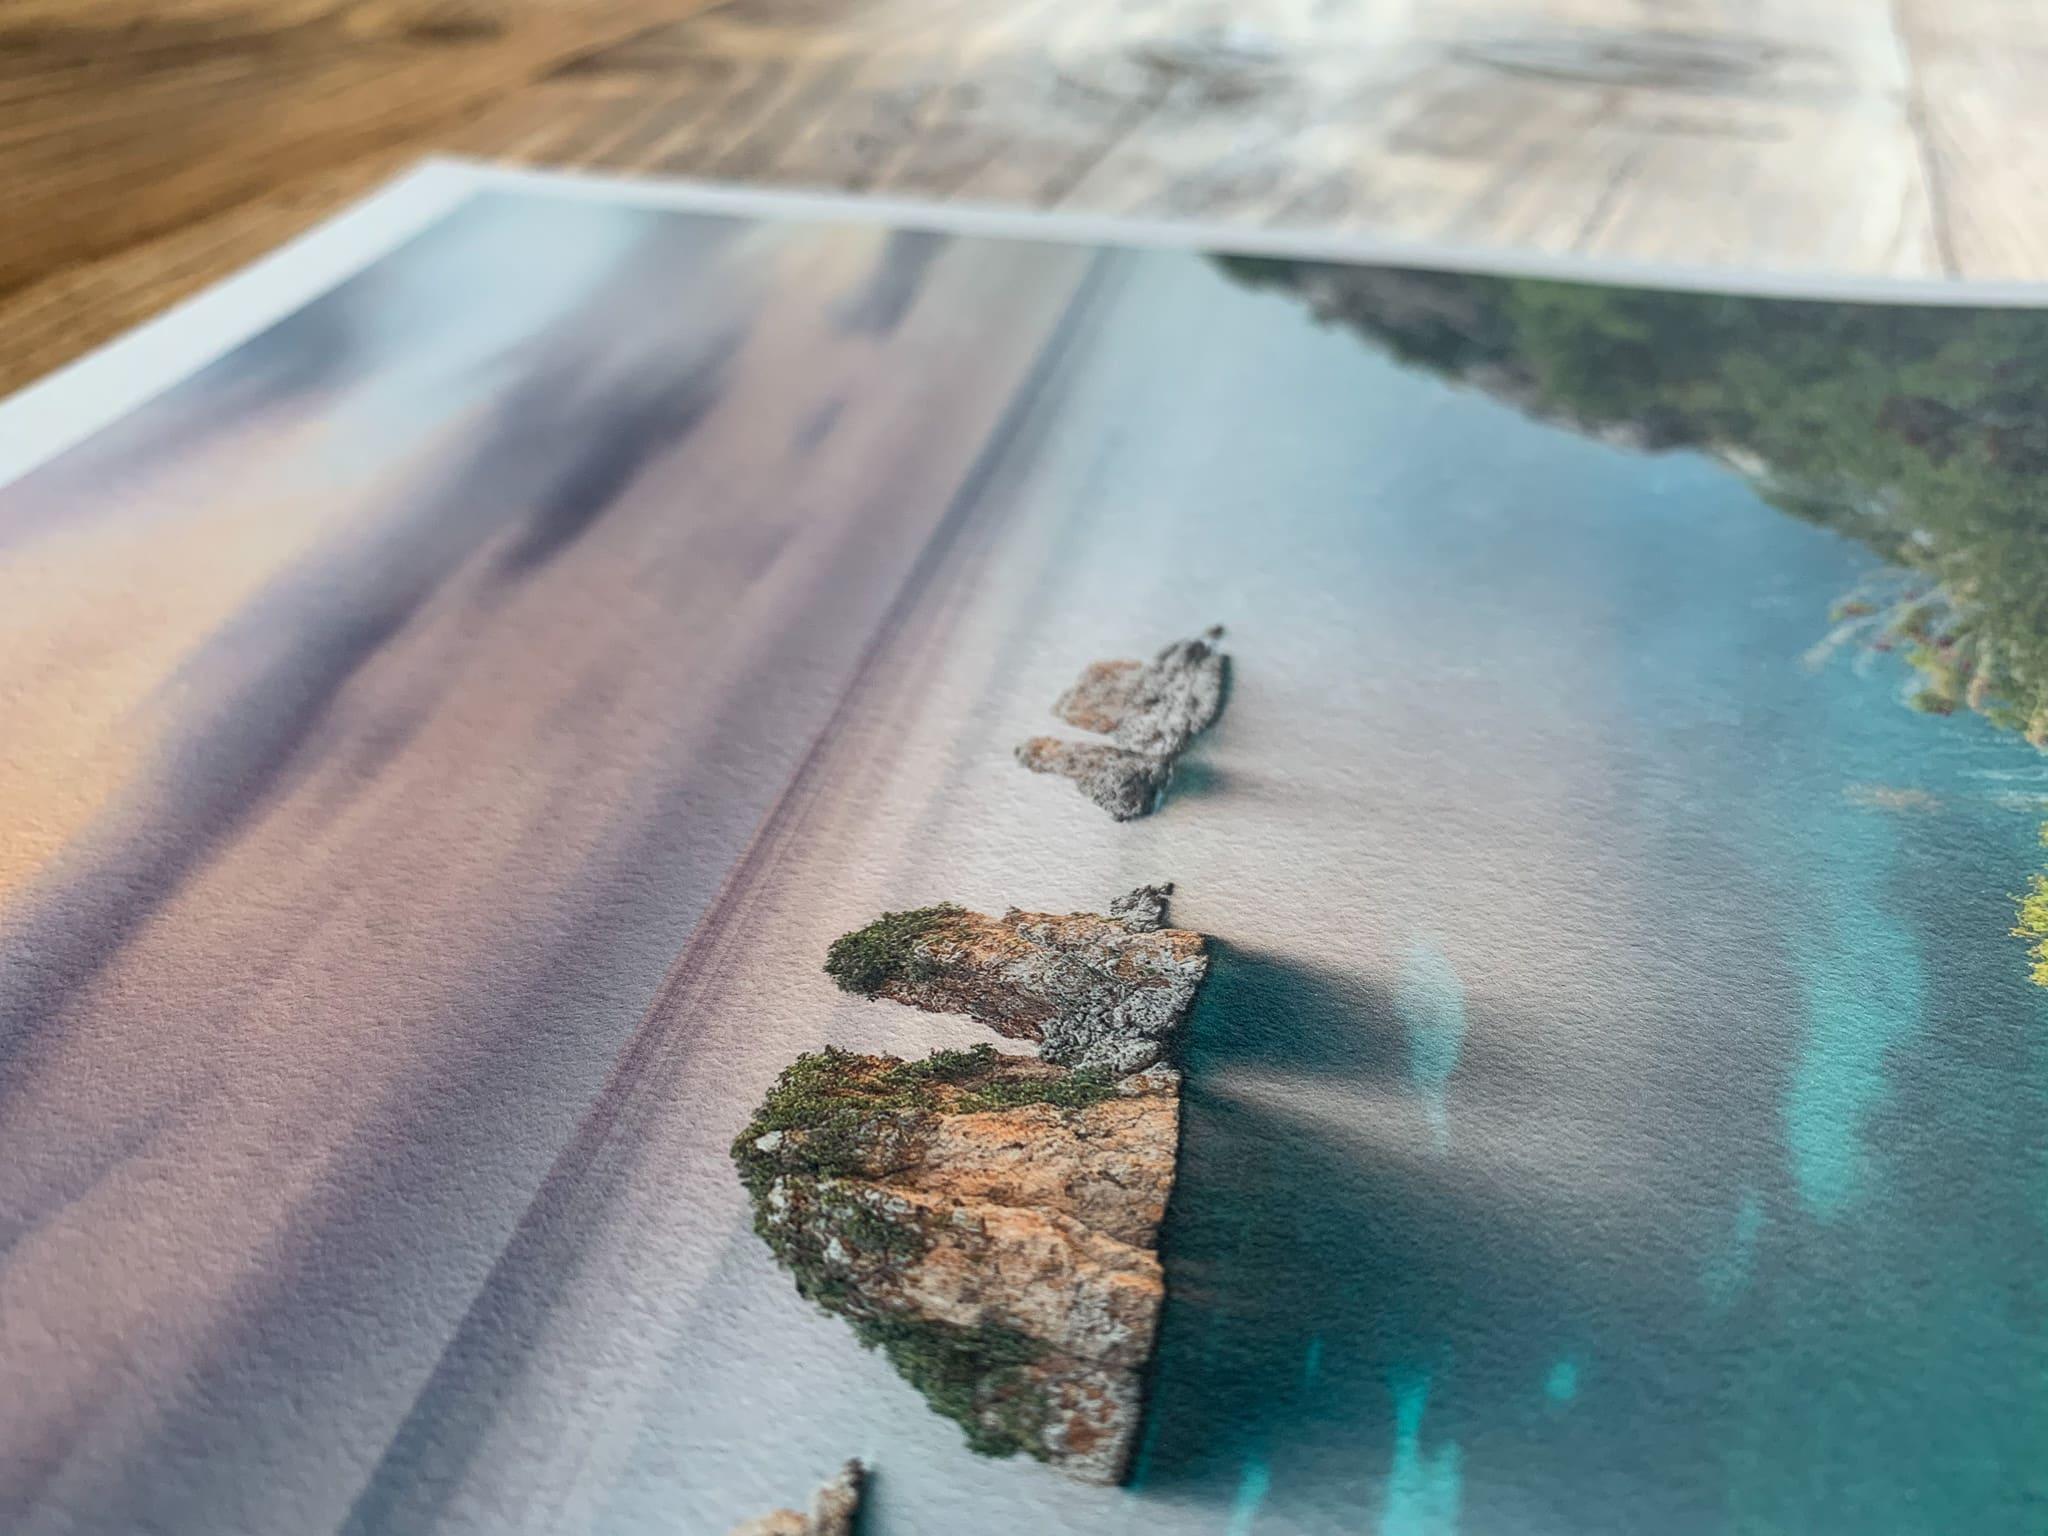 11 Francesco Gola Seascape Long Exposure Photography Review Best Fine Art Paper Hahnemuhle Hahnemühle